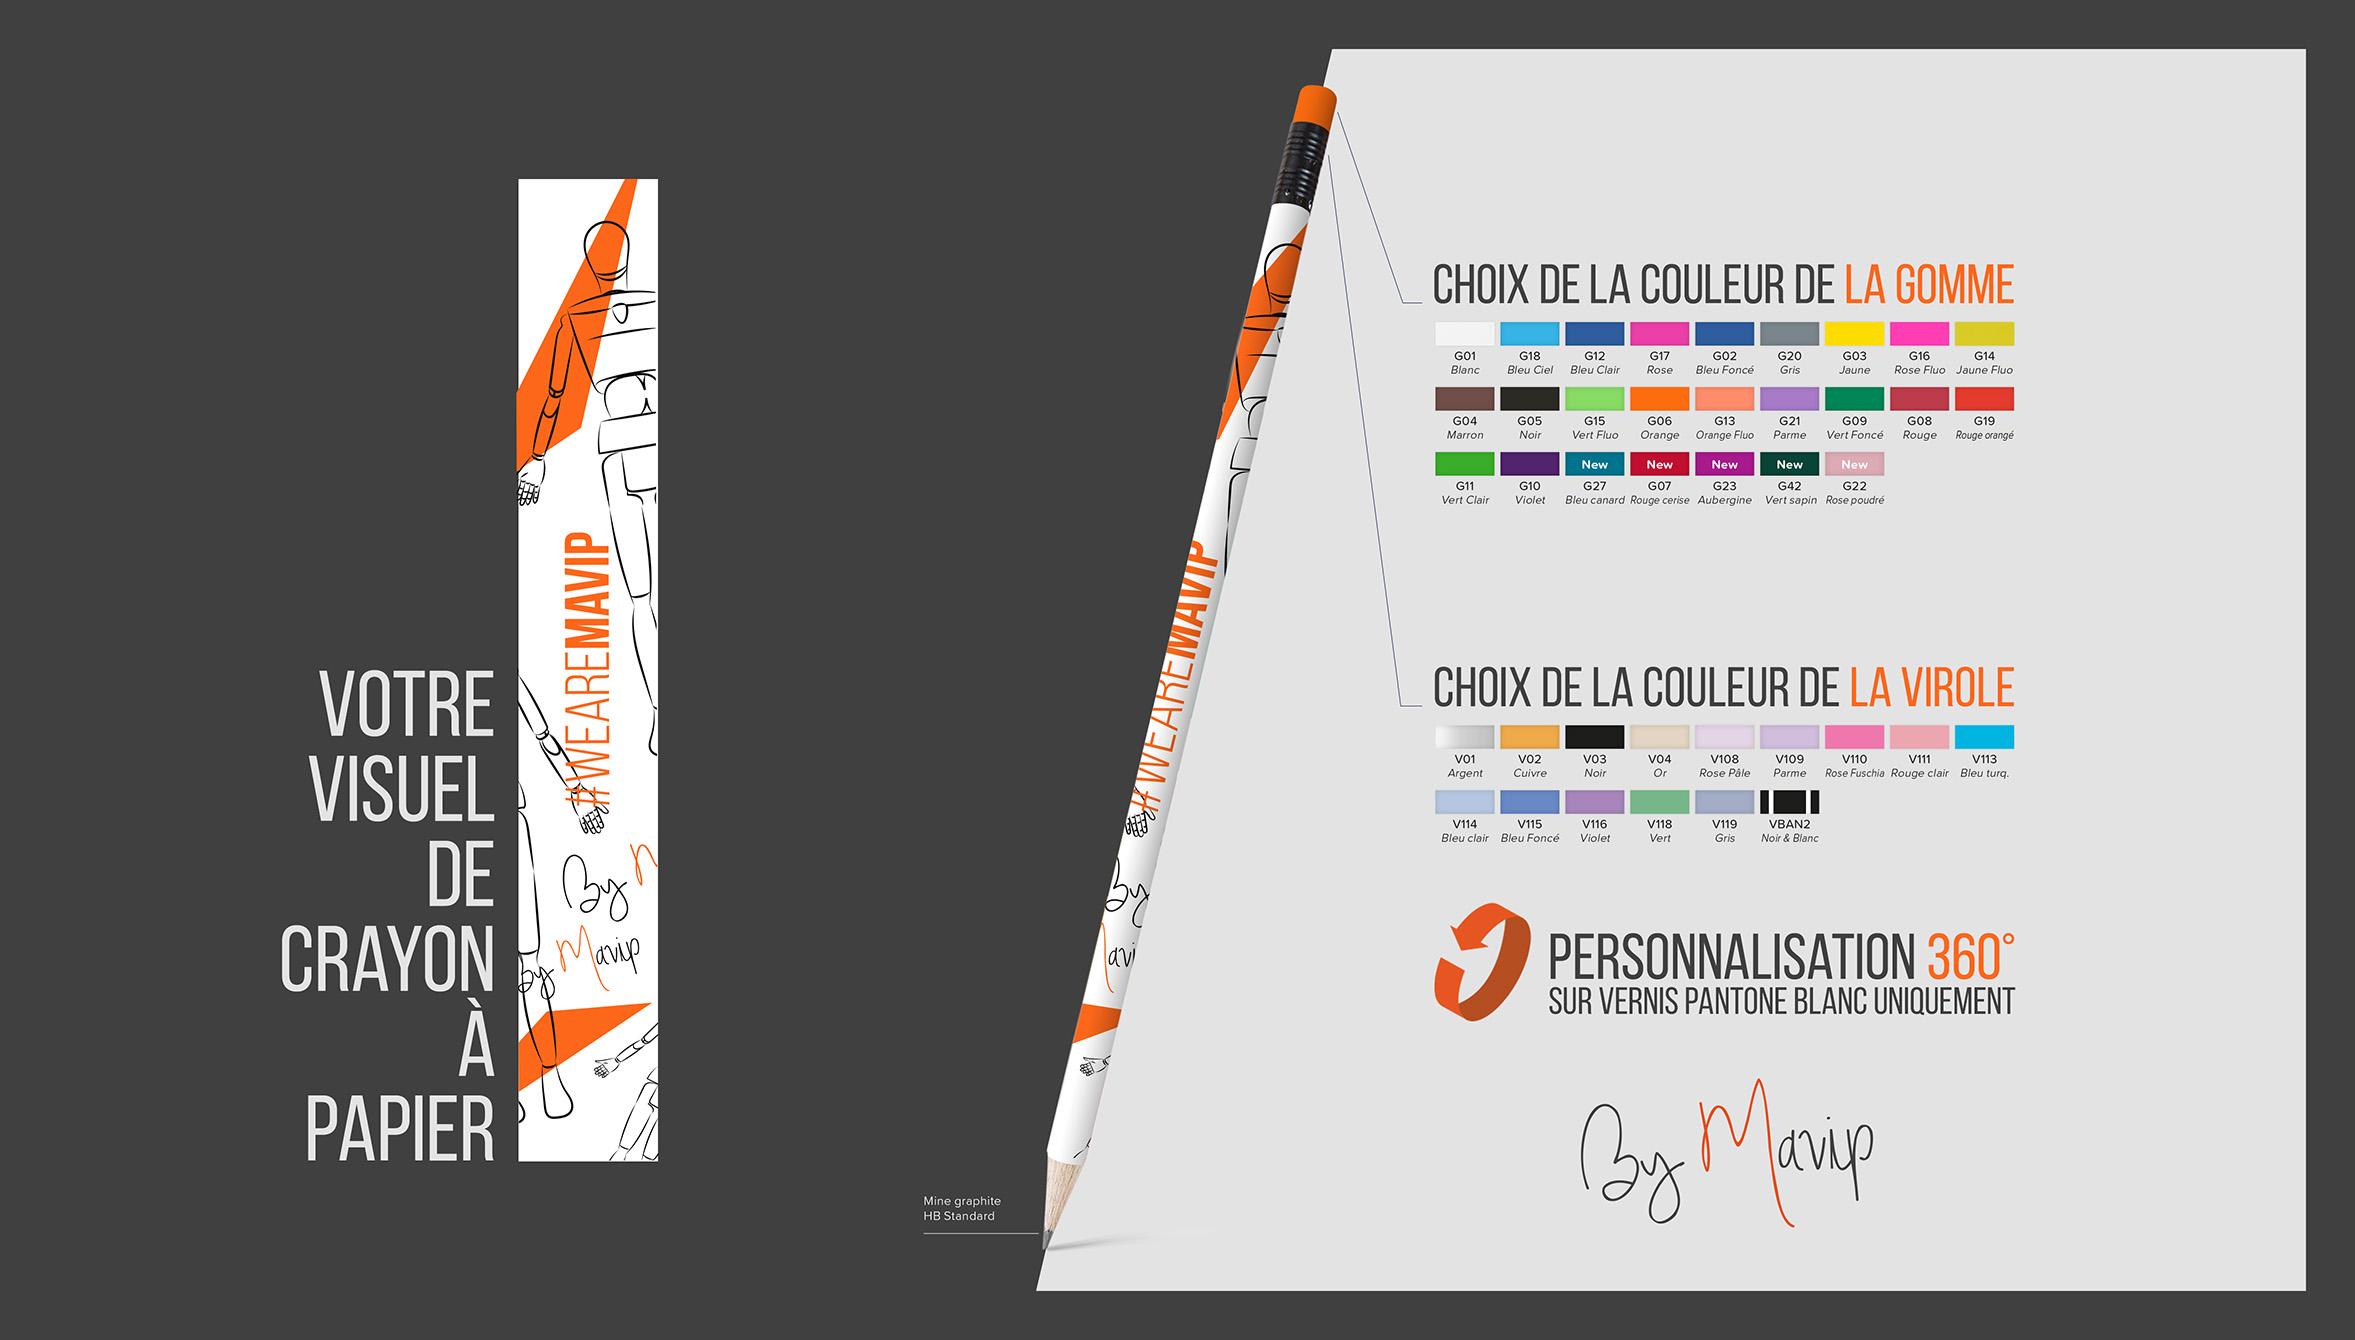 Crayon à papier personnalisé avec marquage à 360 degré